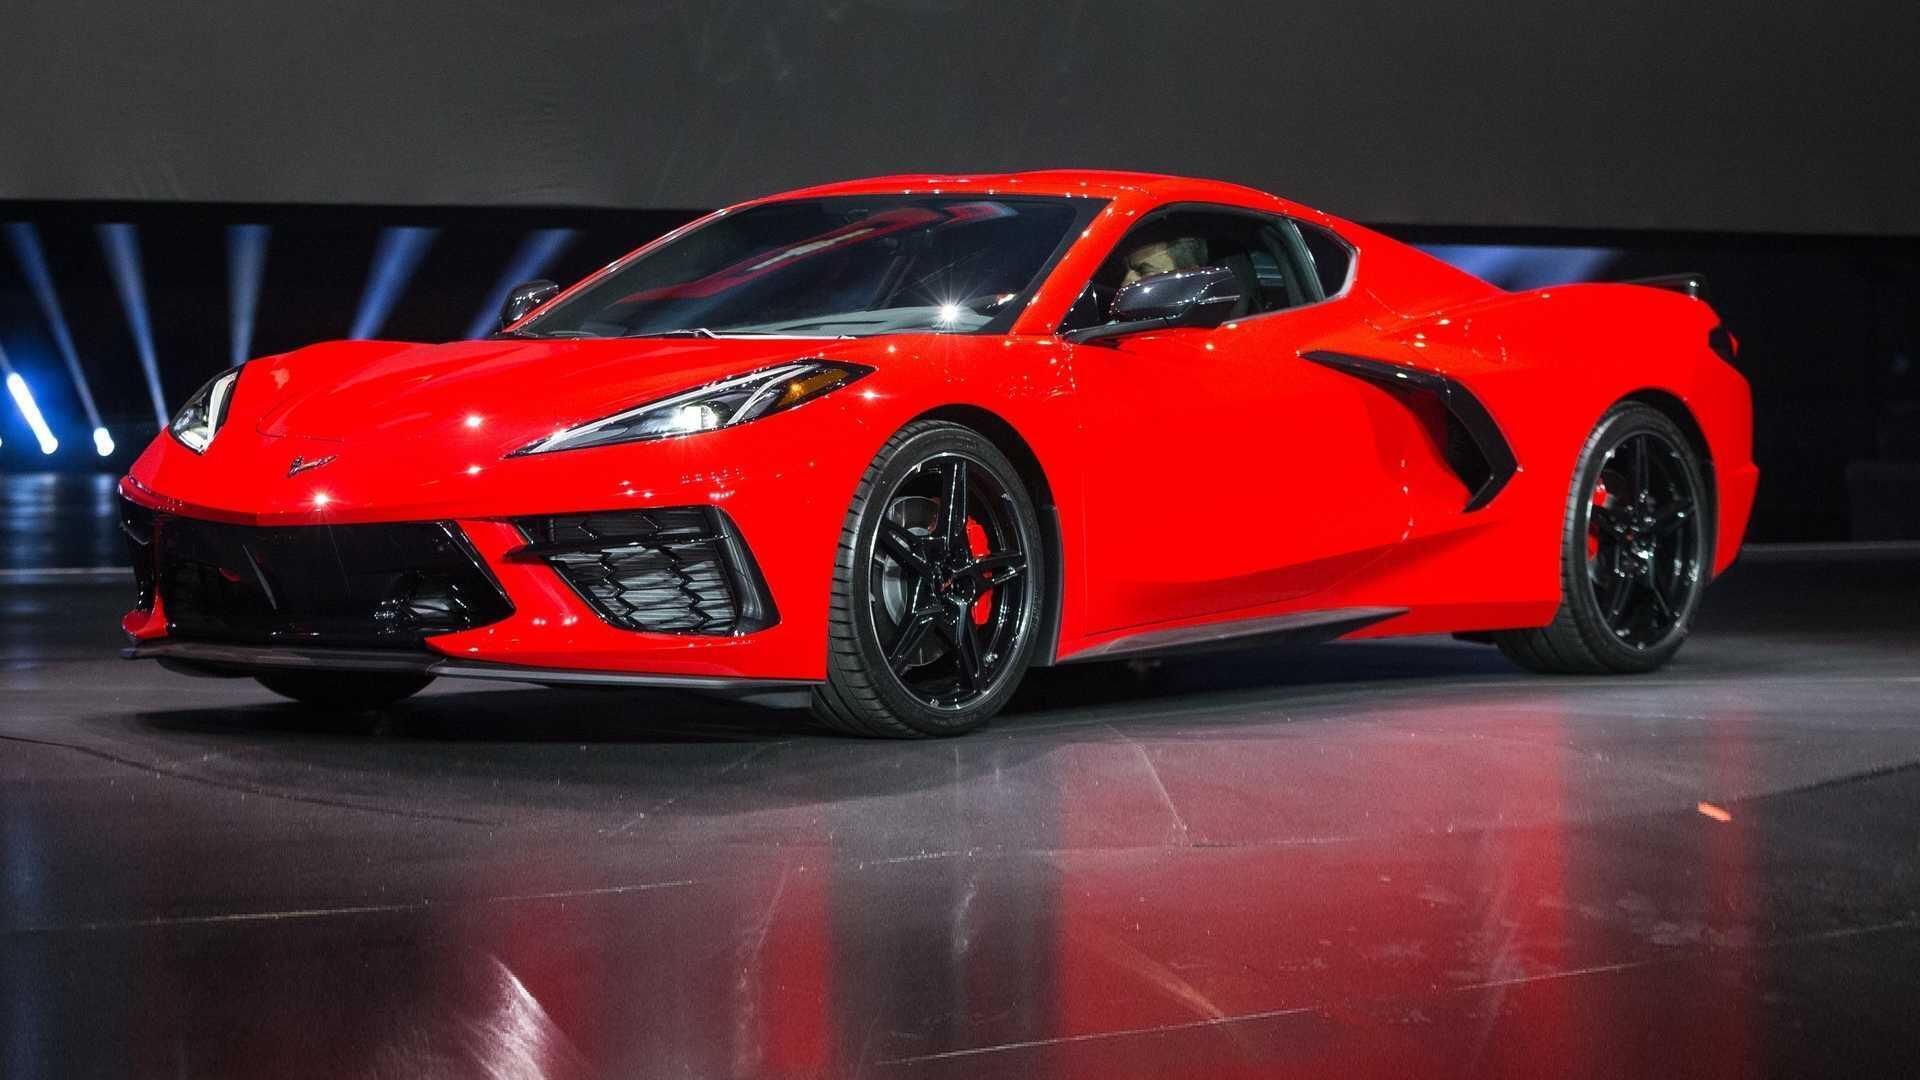 https://cdn.dailyxe.com.vn/image/chevrolet-corvette-2020-co-mot-so-tinh-nang-an-tuyet-voi-6-94524j2.jpg